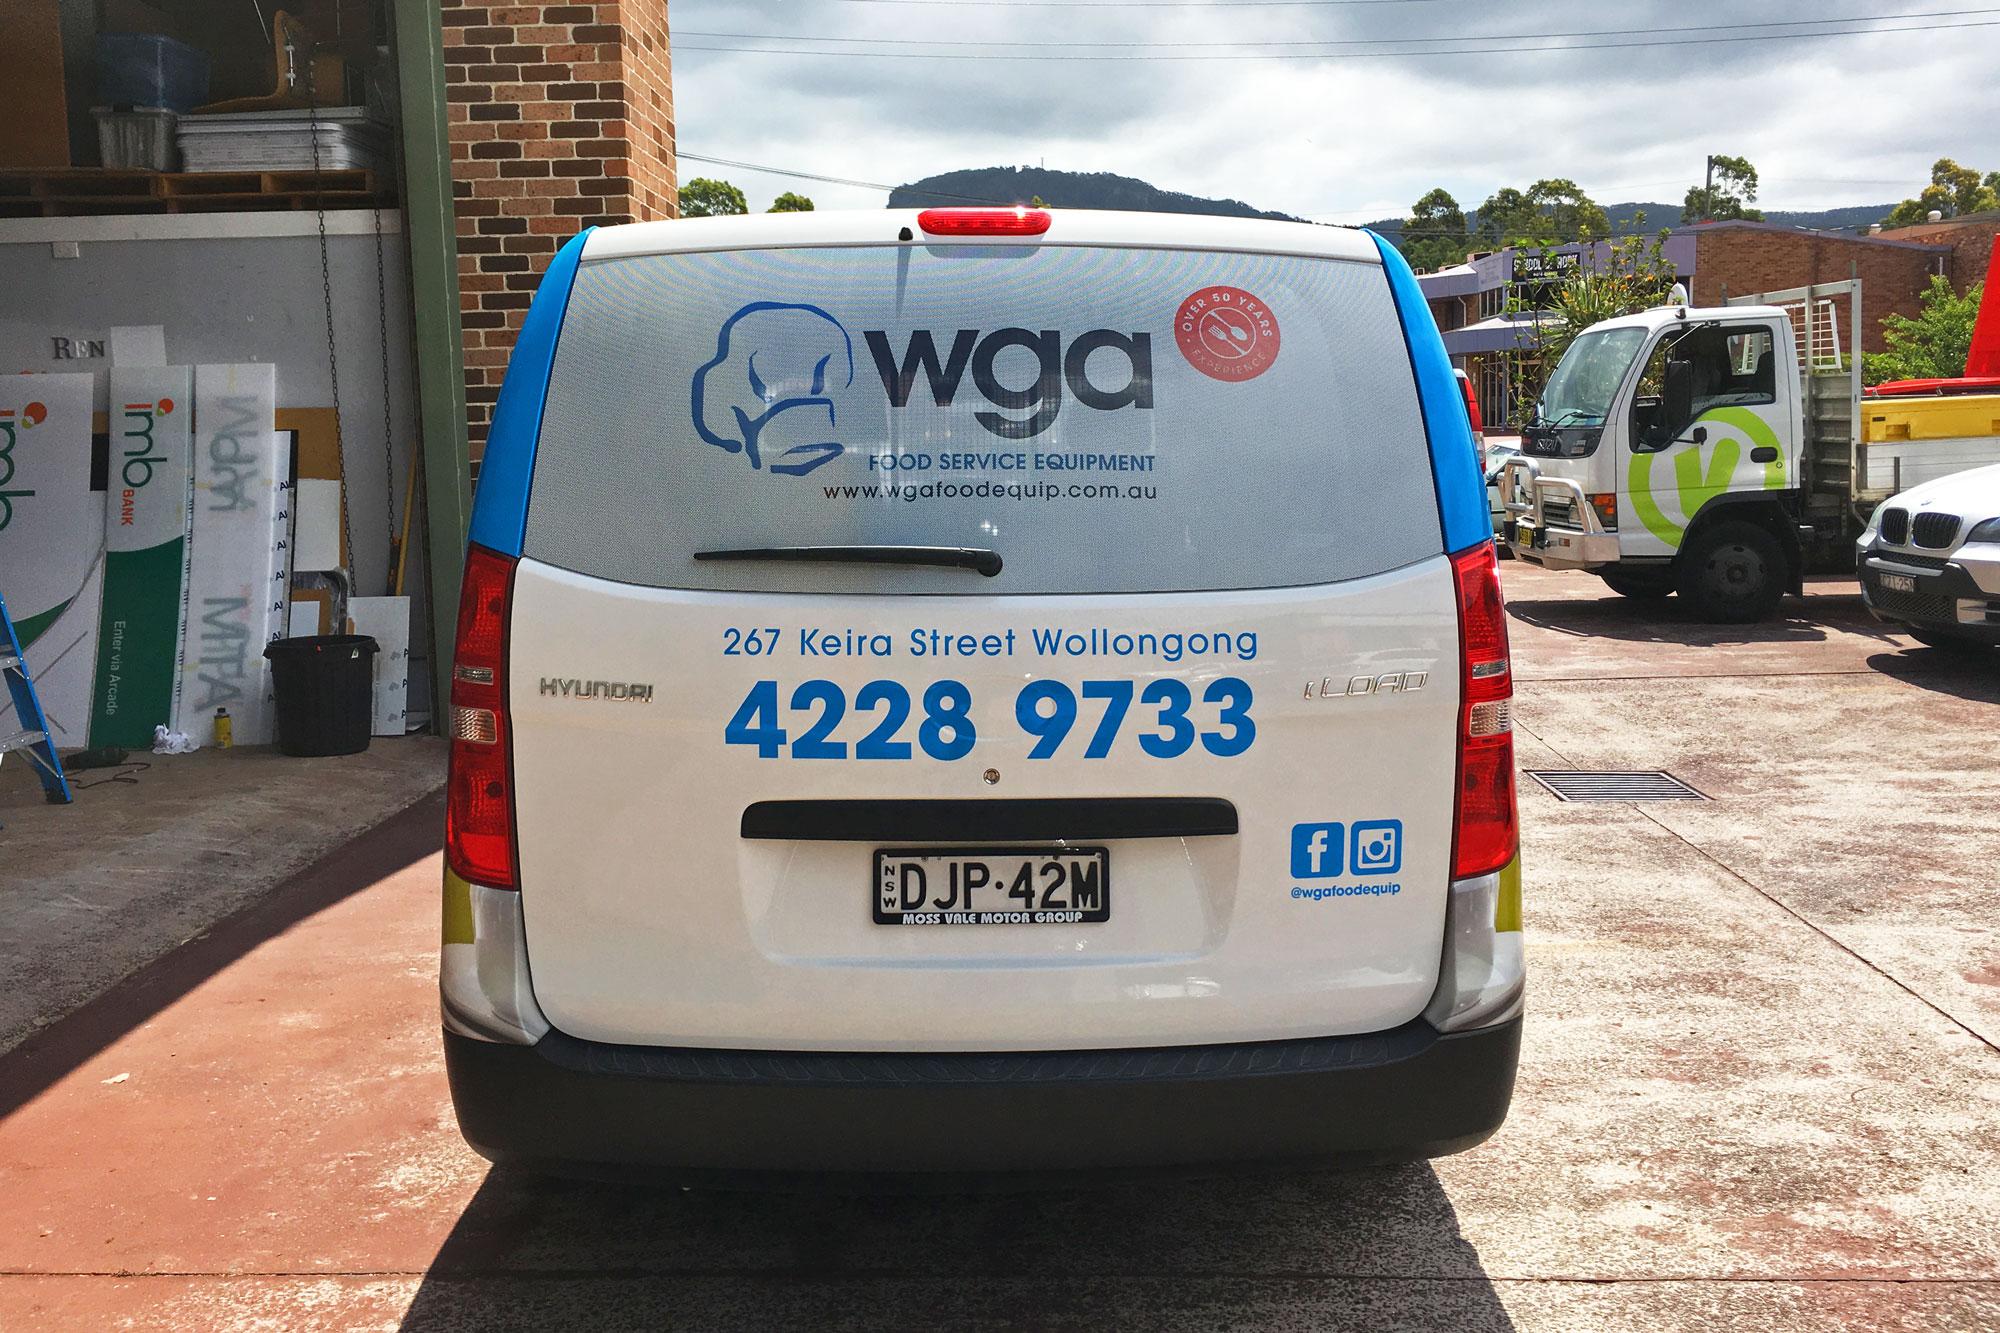 WGA Van Signage by Visual Energy